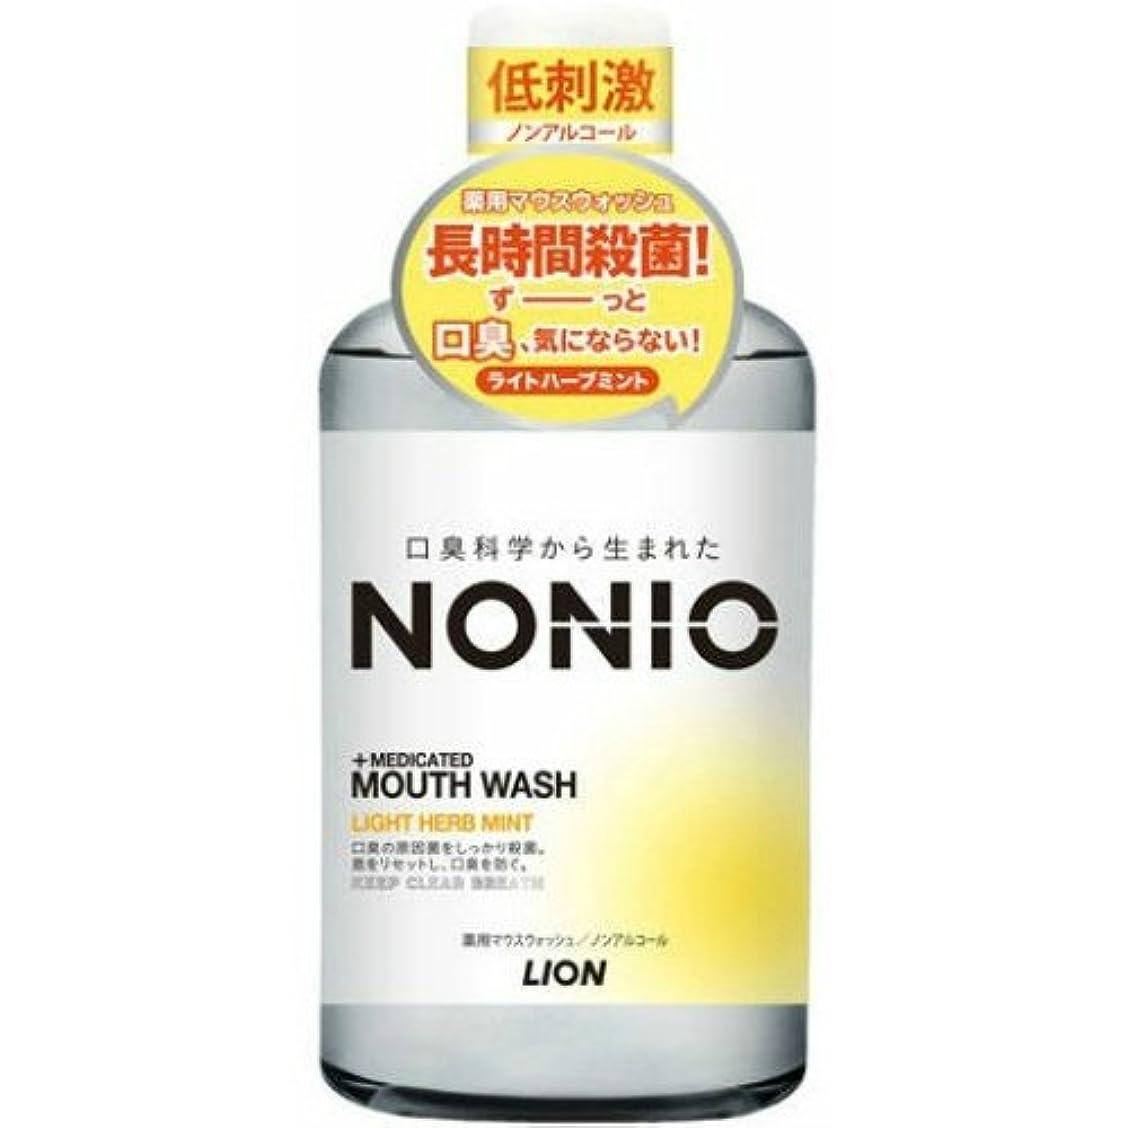 検体ひもメタンLION ライオン ノニオ NONIO 薬用マウスウォッシュ ノンアルコール ライトハーブミント 600ml 医薬部外品 ×10点セット(4903301259398)